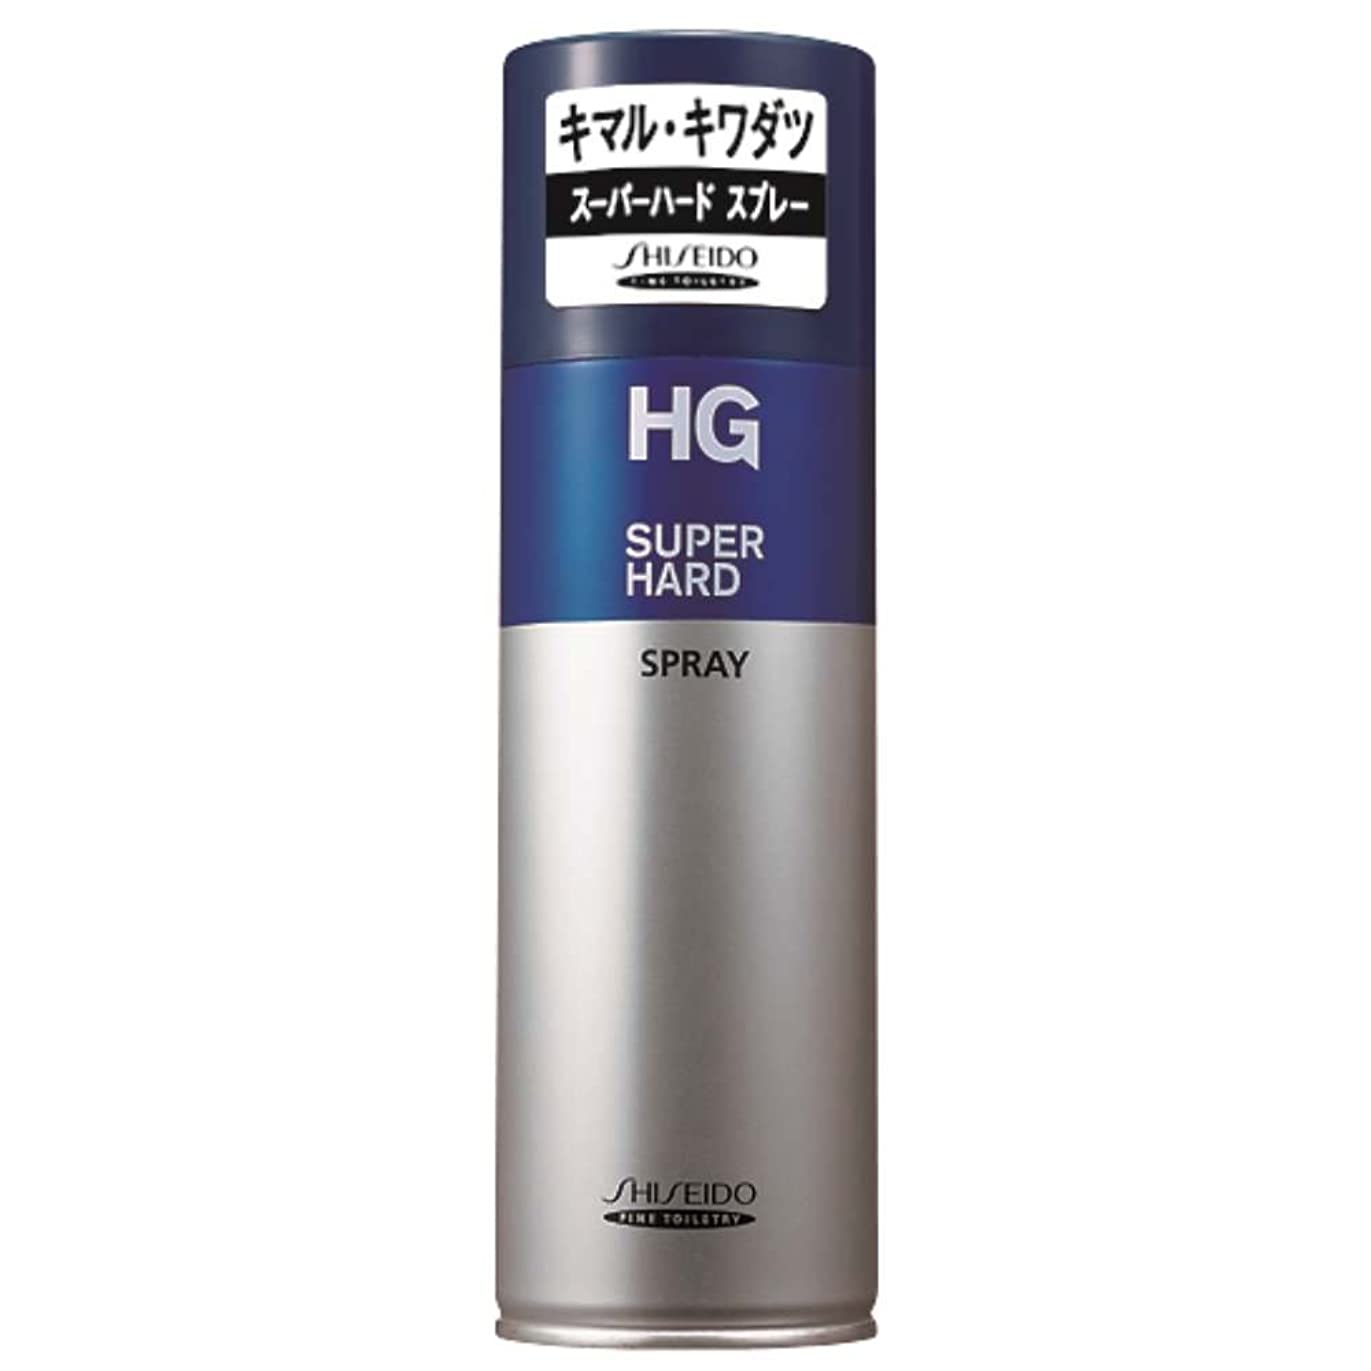 衝突触手固めるHG スーパーハード スプレー 230g